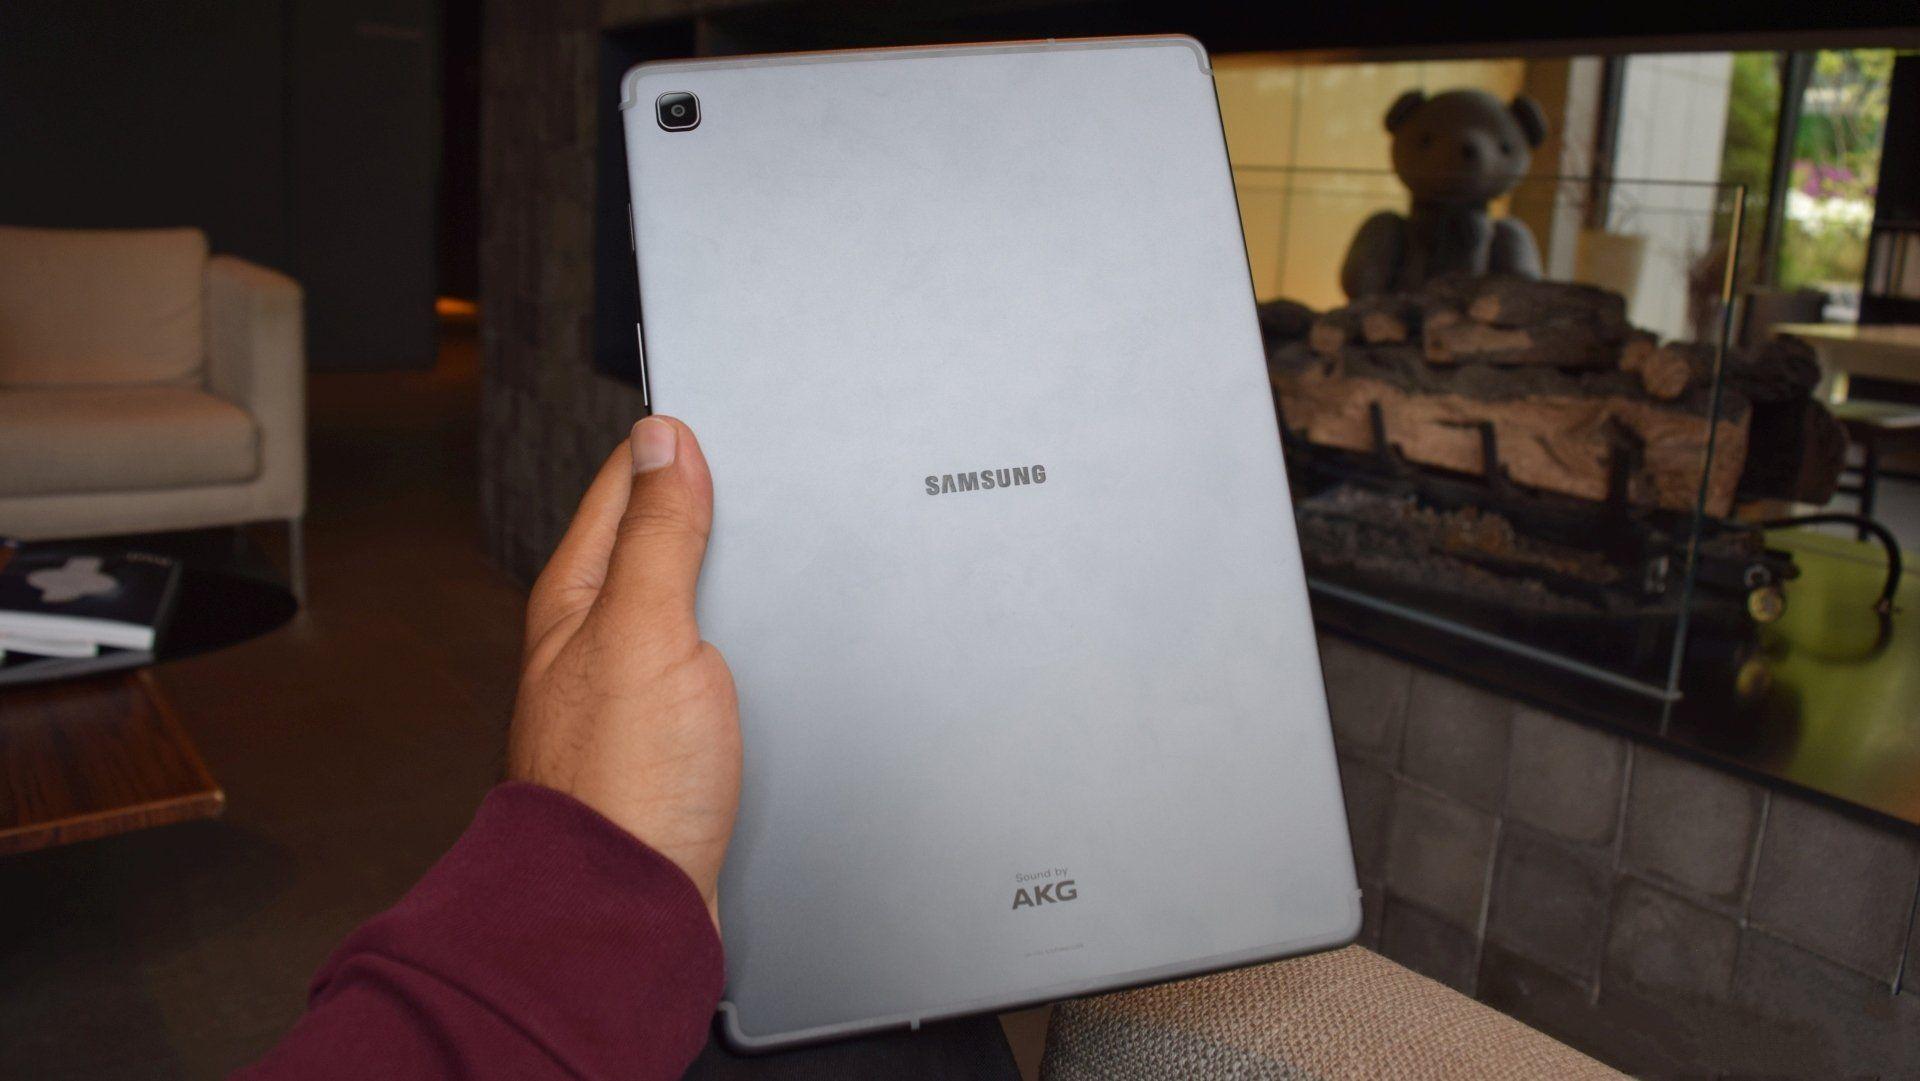 Качественные планшеты от проверенного производителя: Обзор планшетов от Samsung